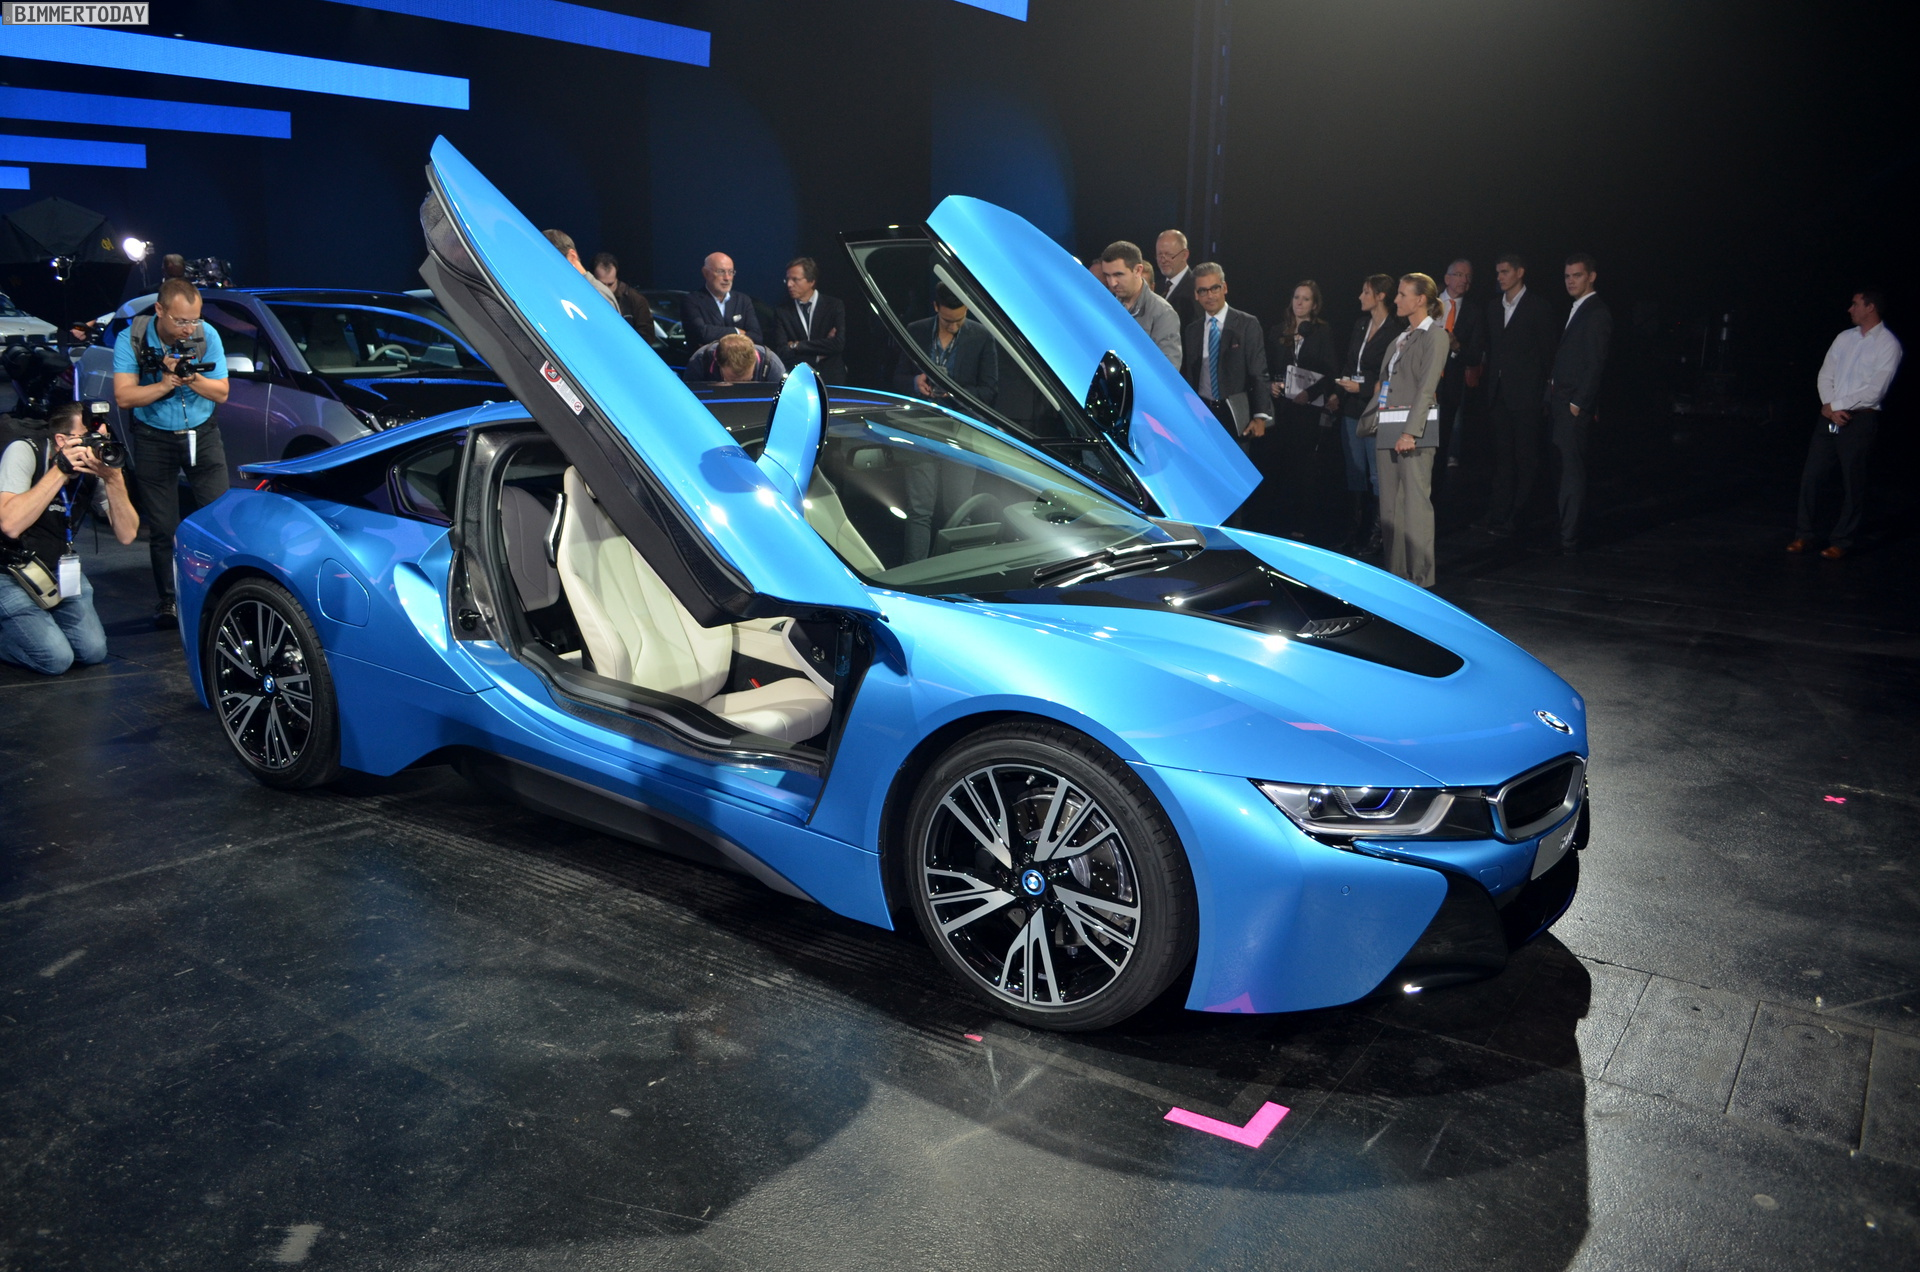 2013 - [BMW] i8 [i12] - Page 13 BMW-i8-Hybrid-eDrive-Weltpremiere-Protonic-Blue-IAA-2013-LIVE-01